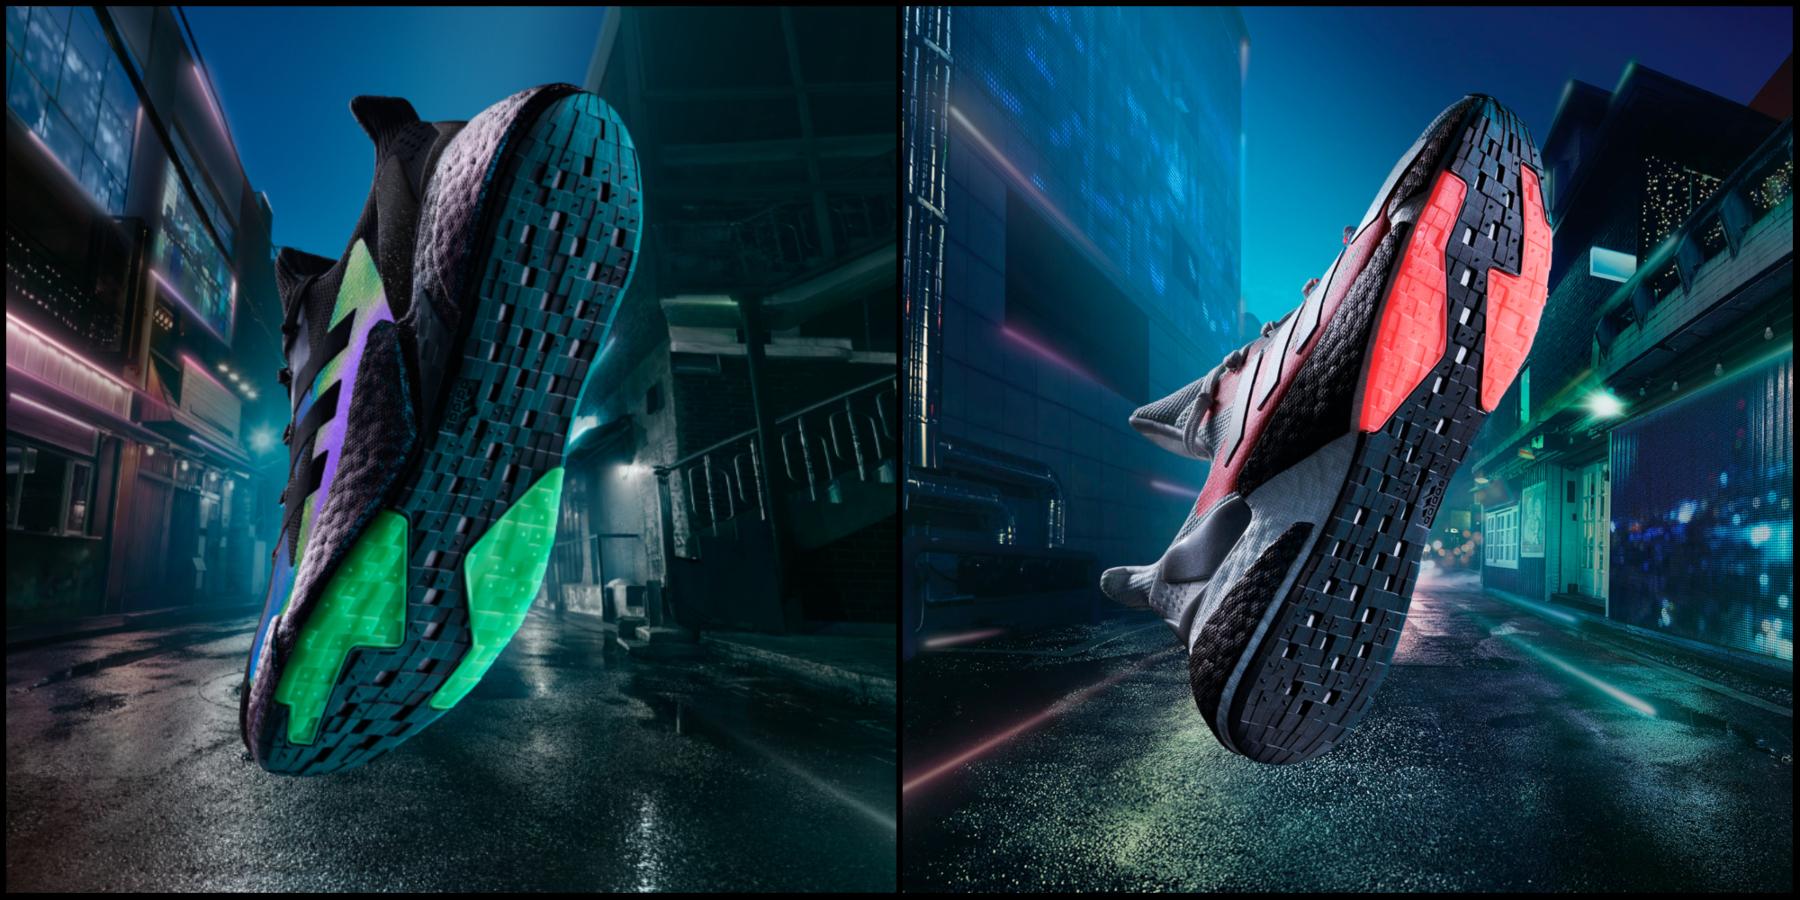 2_adidas_thiet-ke-upper-cua-x9000